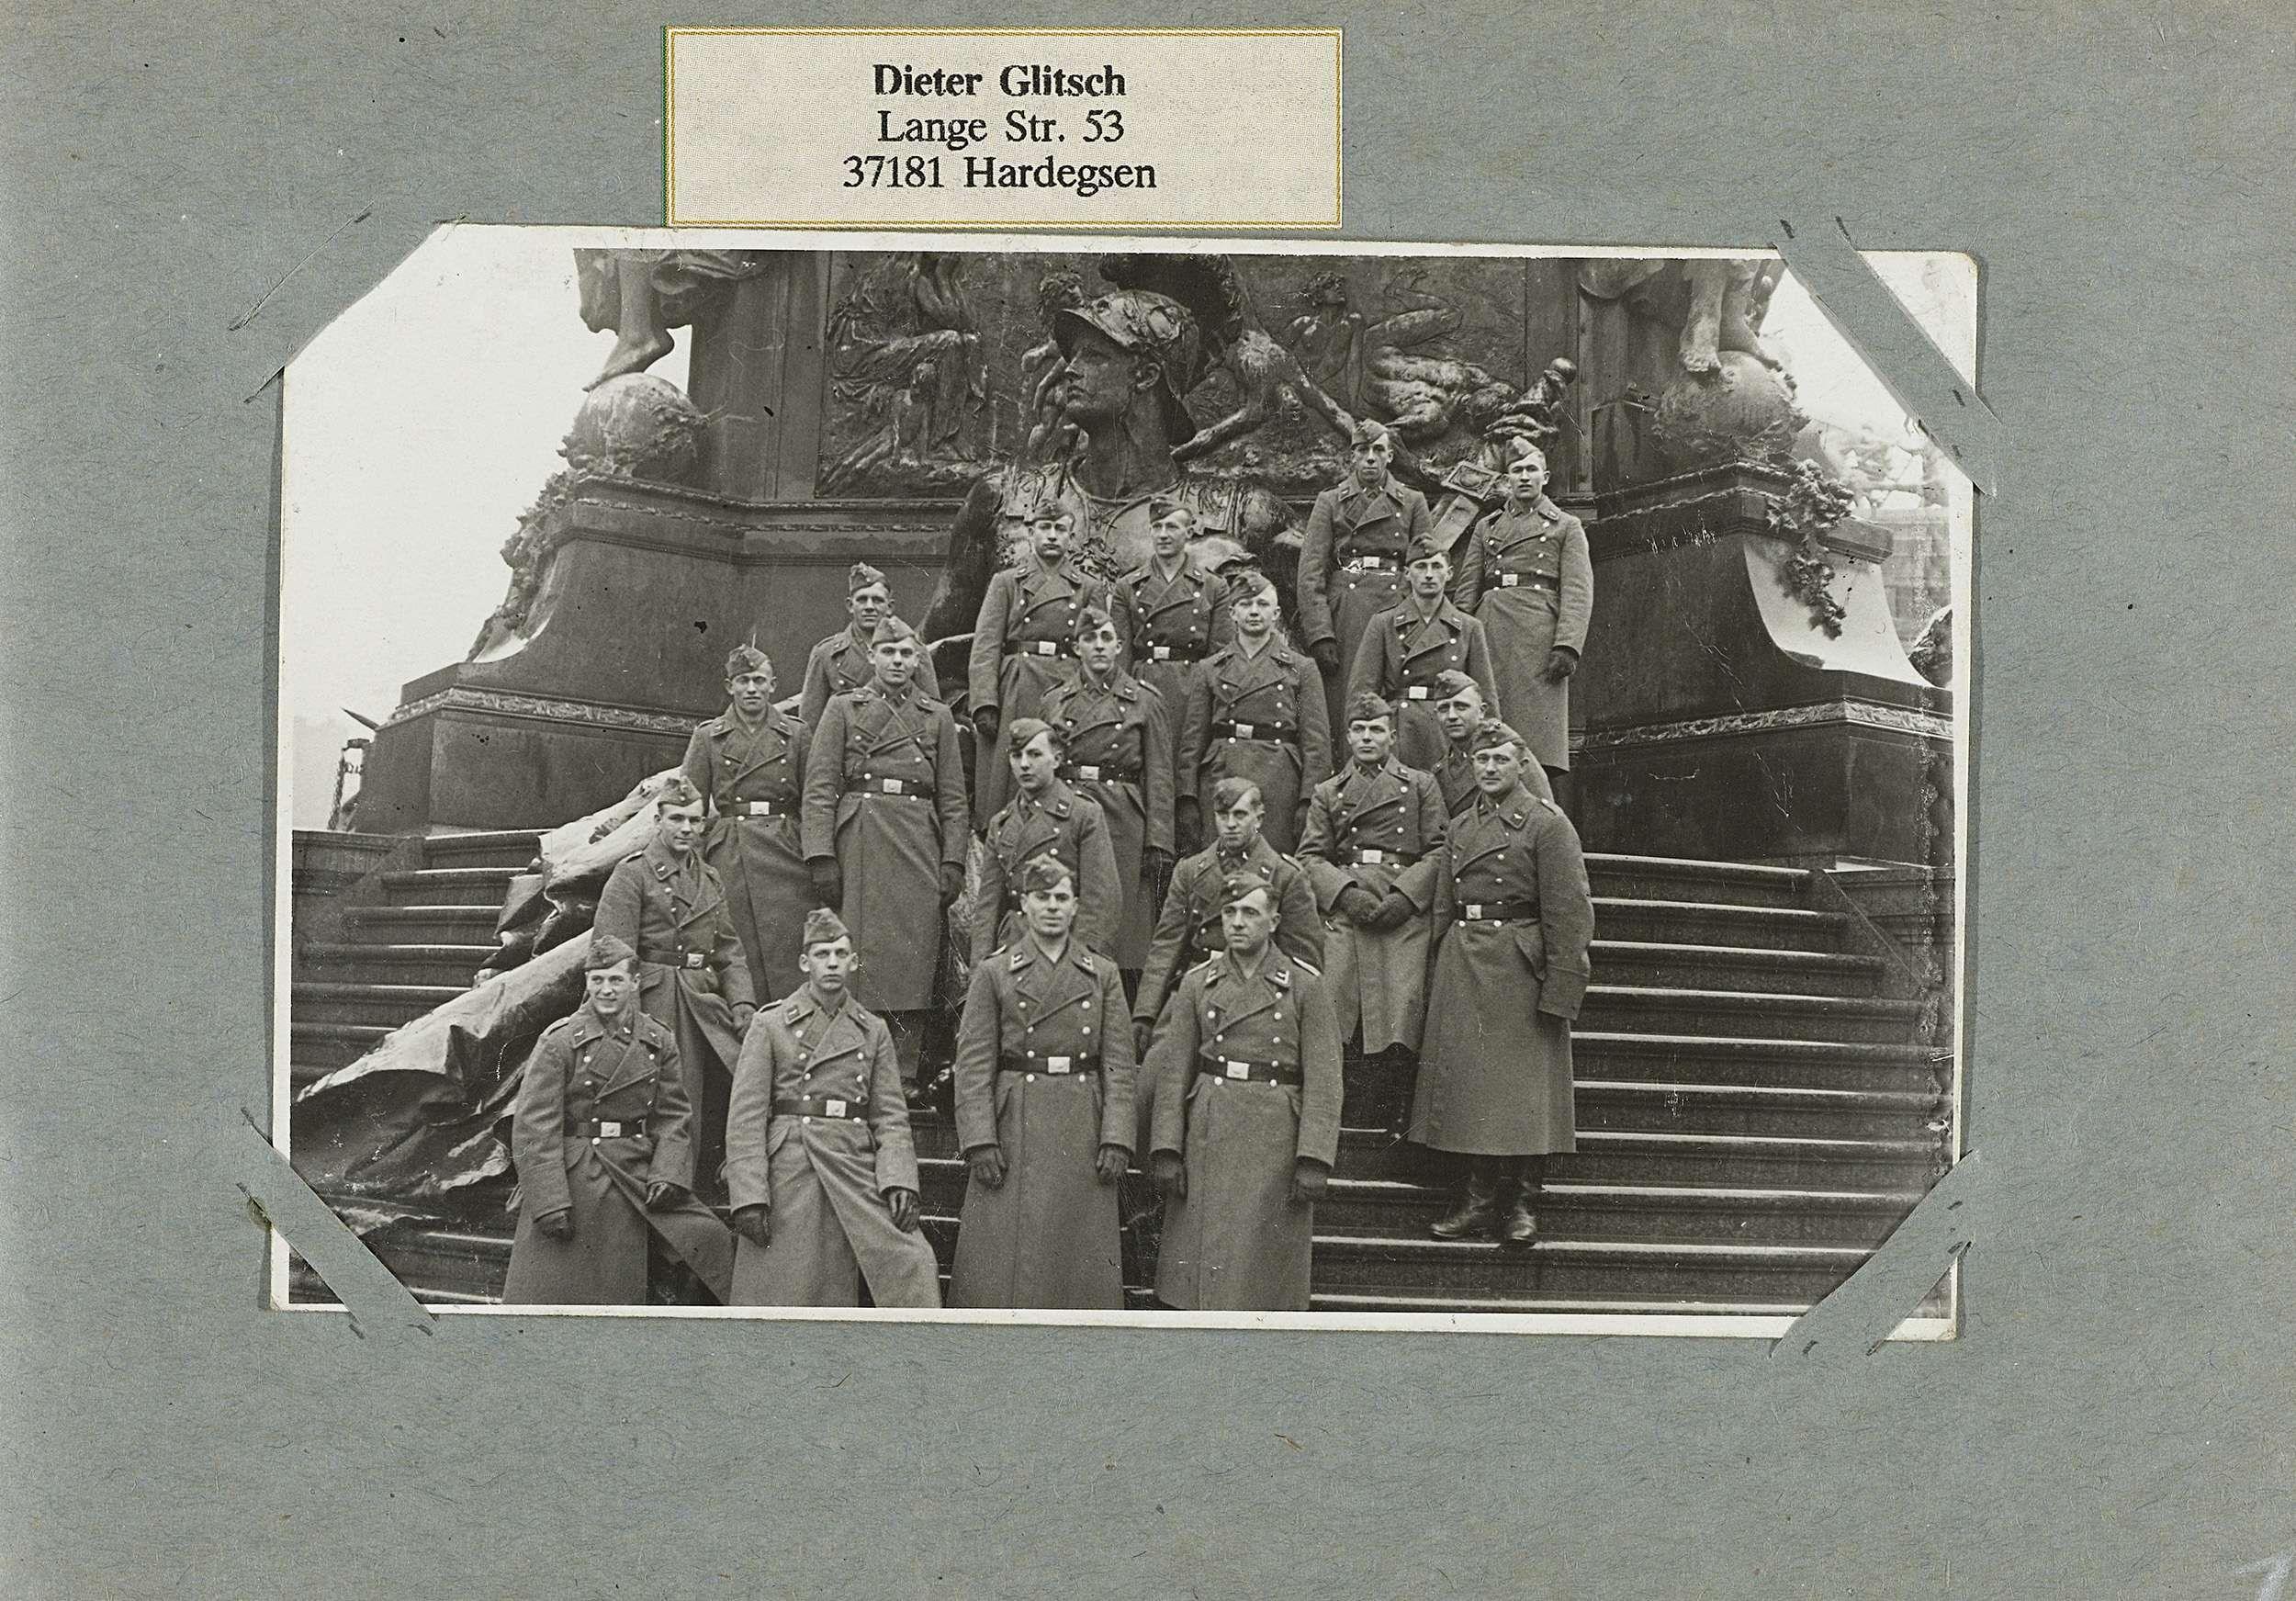 Anonymous | Groepsfoto, Anonymous, 1940 - 1945 | Albumblad met een eenheid van de Luftwaffe poserend op de trappen voor een monument. Onderdeel van een fotoalbum over de diensttijd van Dieter Glitsch uit Hardegsen tijdens de Tweede Wereldoorlog en de jaren daarna.